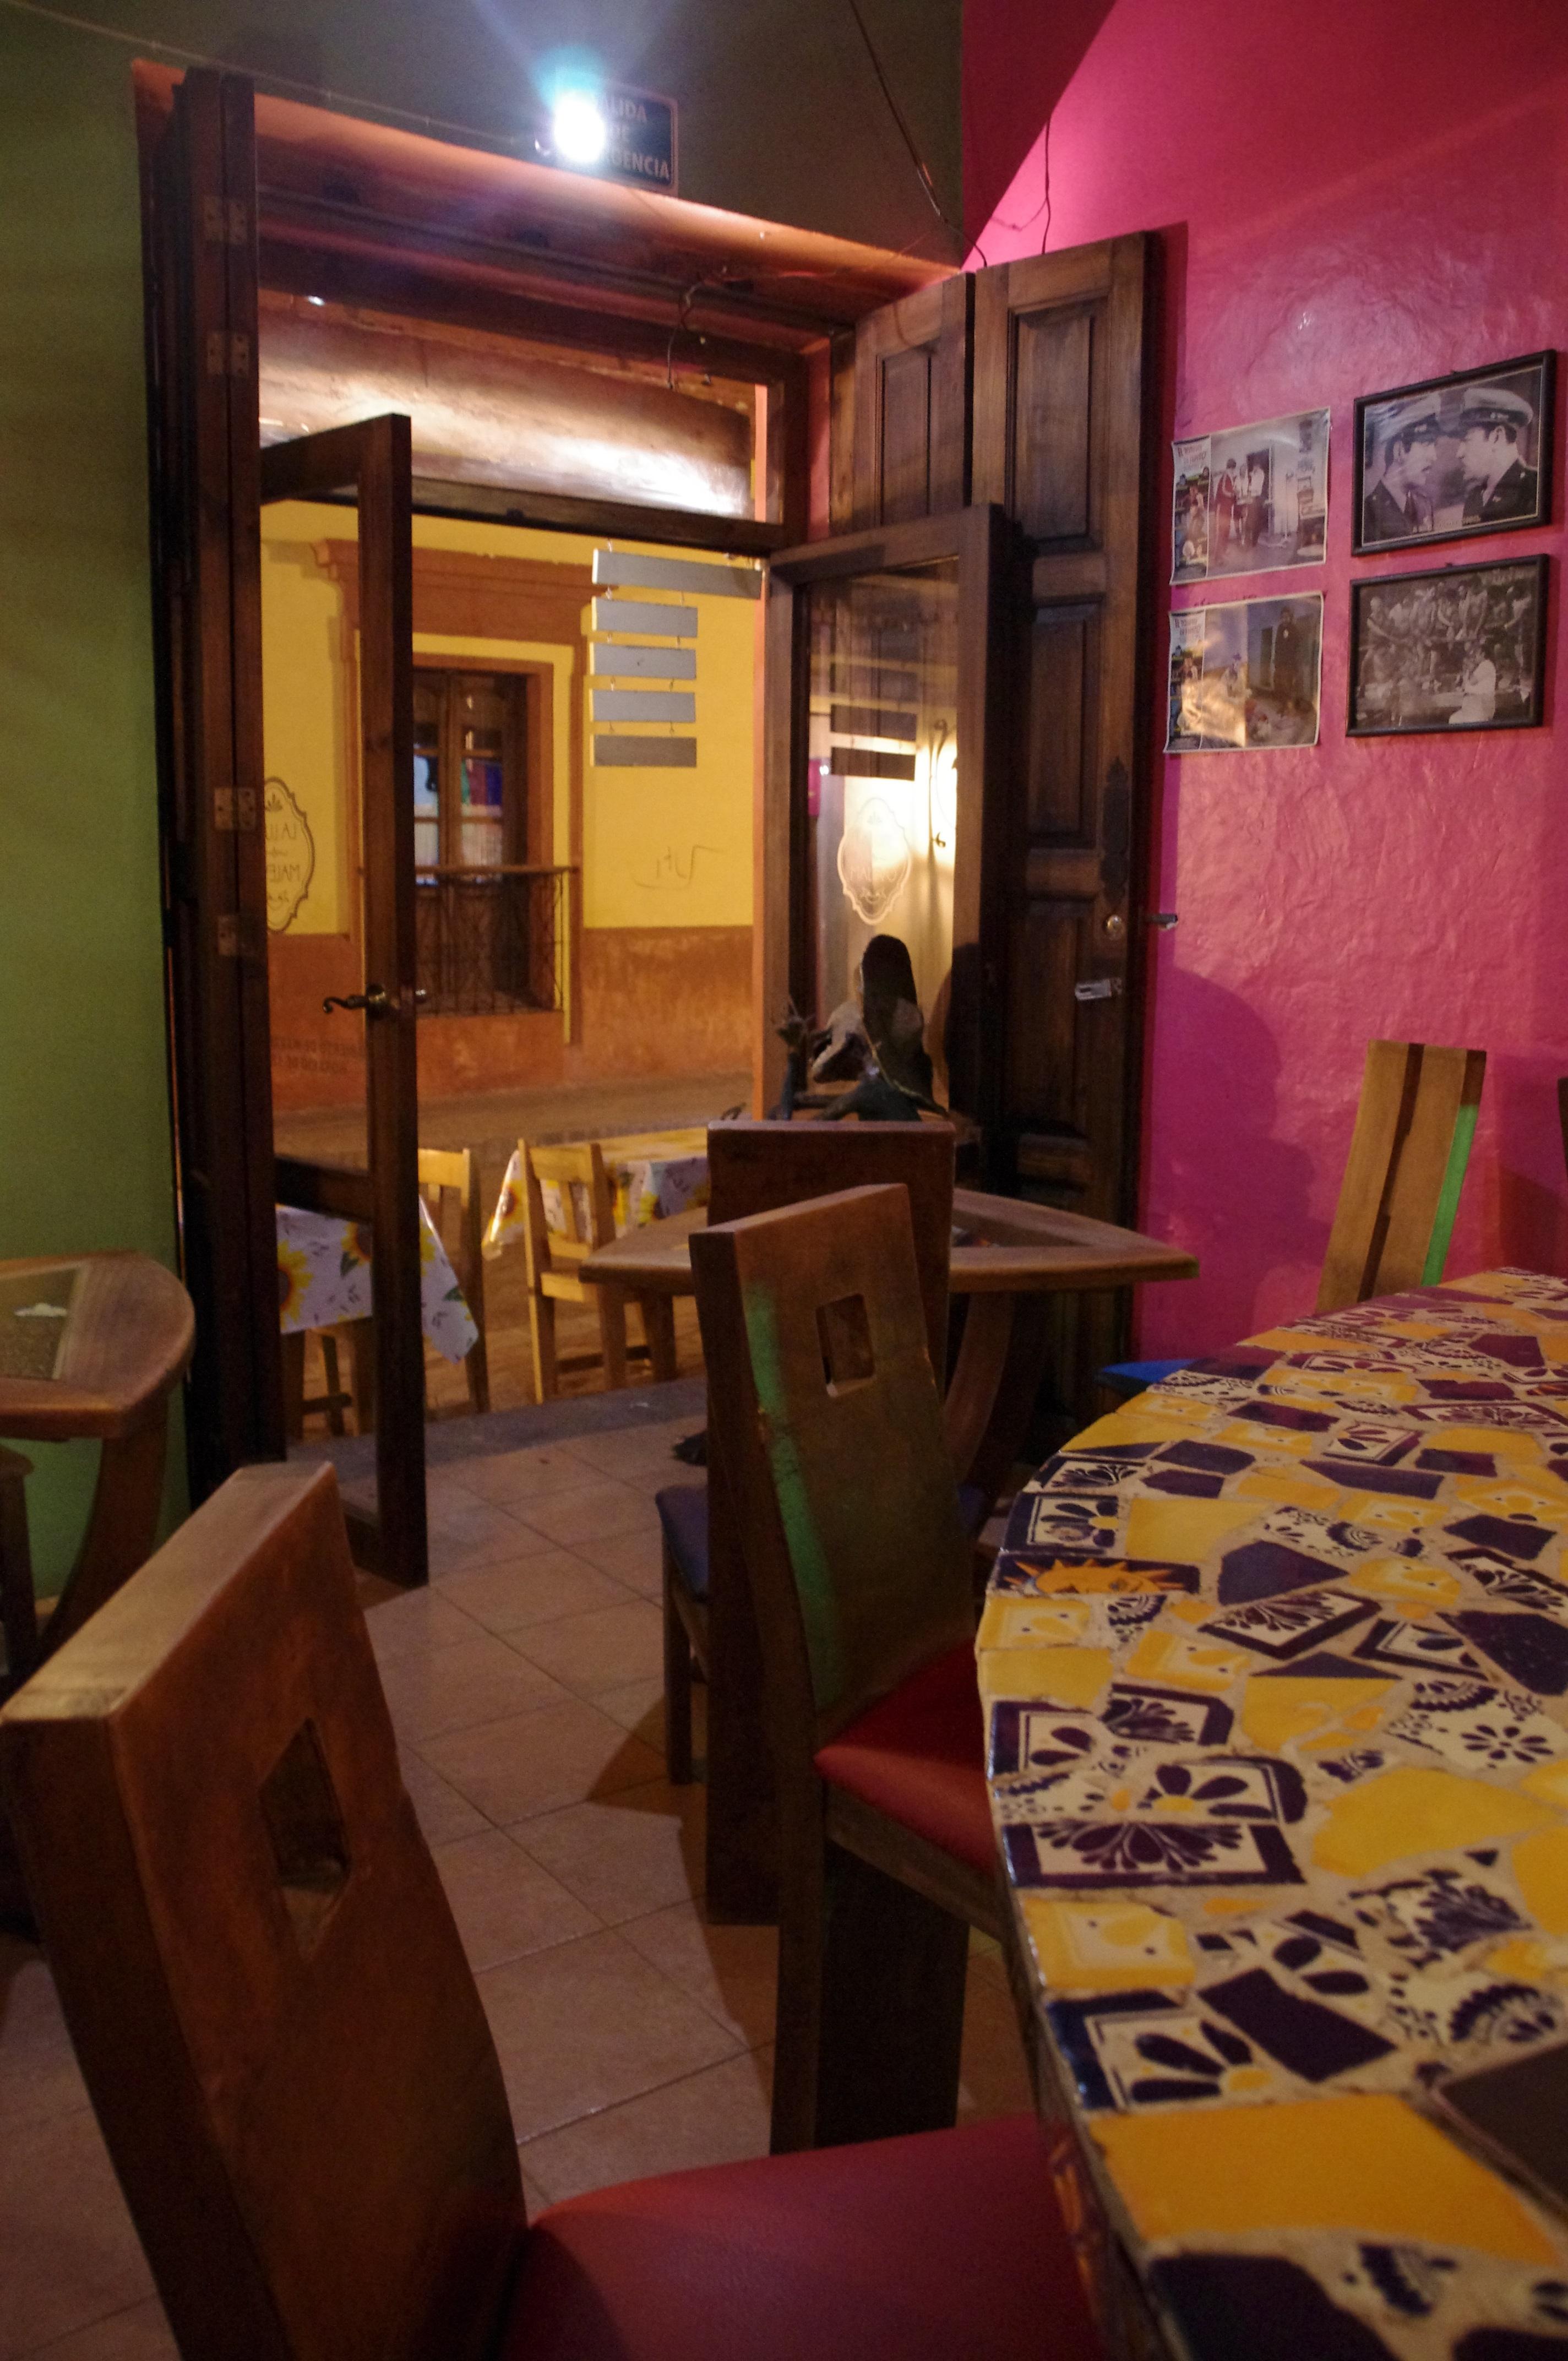 casa restaurante casa bar sala habitacin diseo de interiores inmuebles restaurante mexicano san cristbal de las